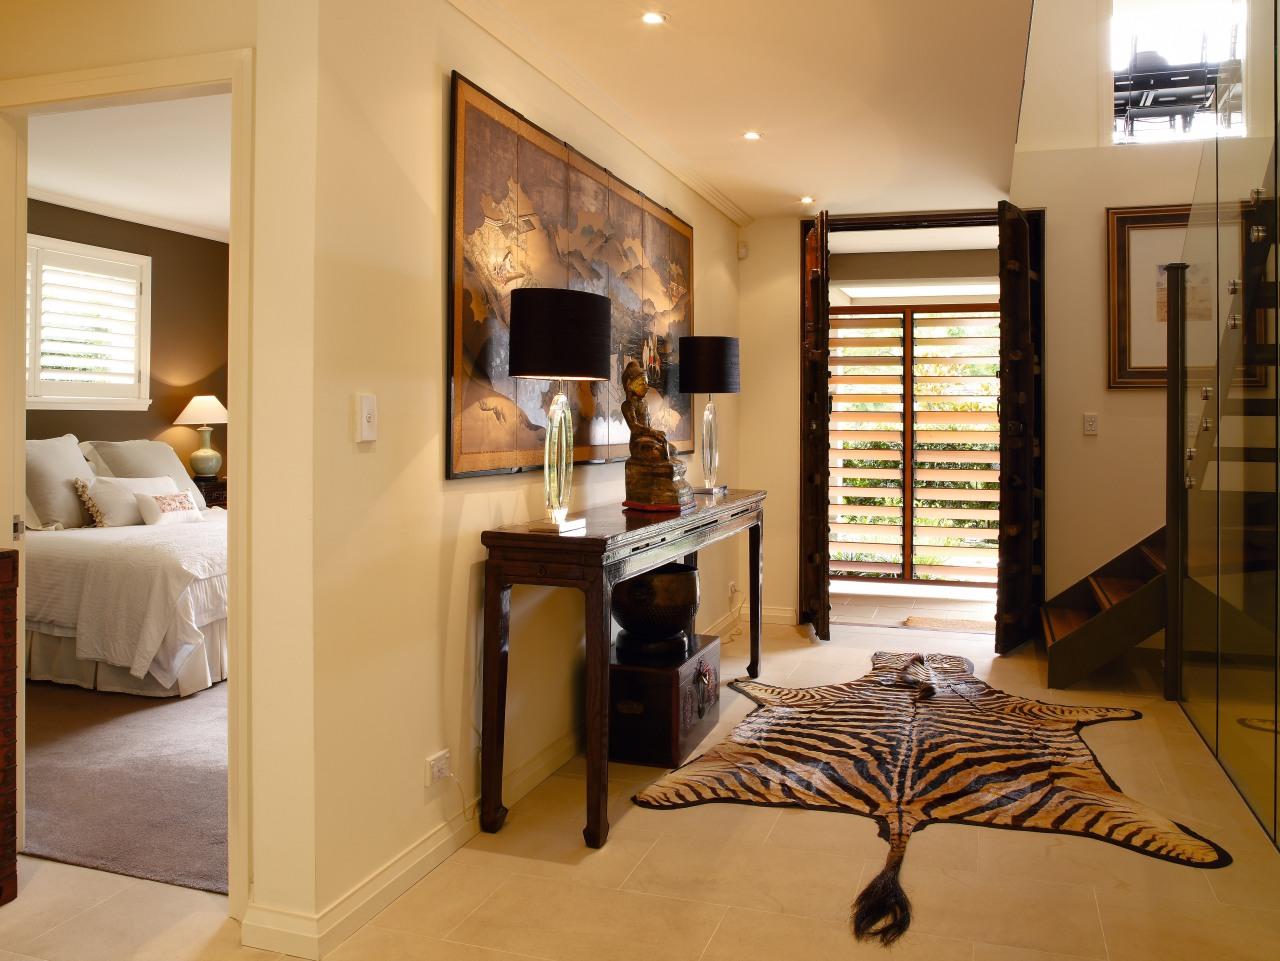 The houses front door s were relocated to floor, flooring, interior design, real estate, room, suite, orange, brown